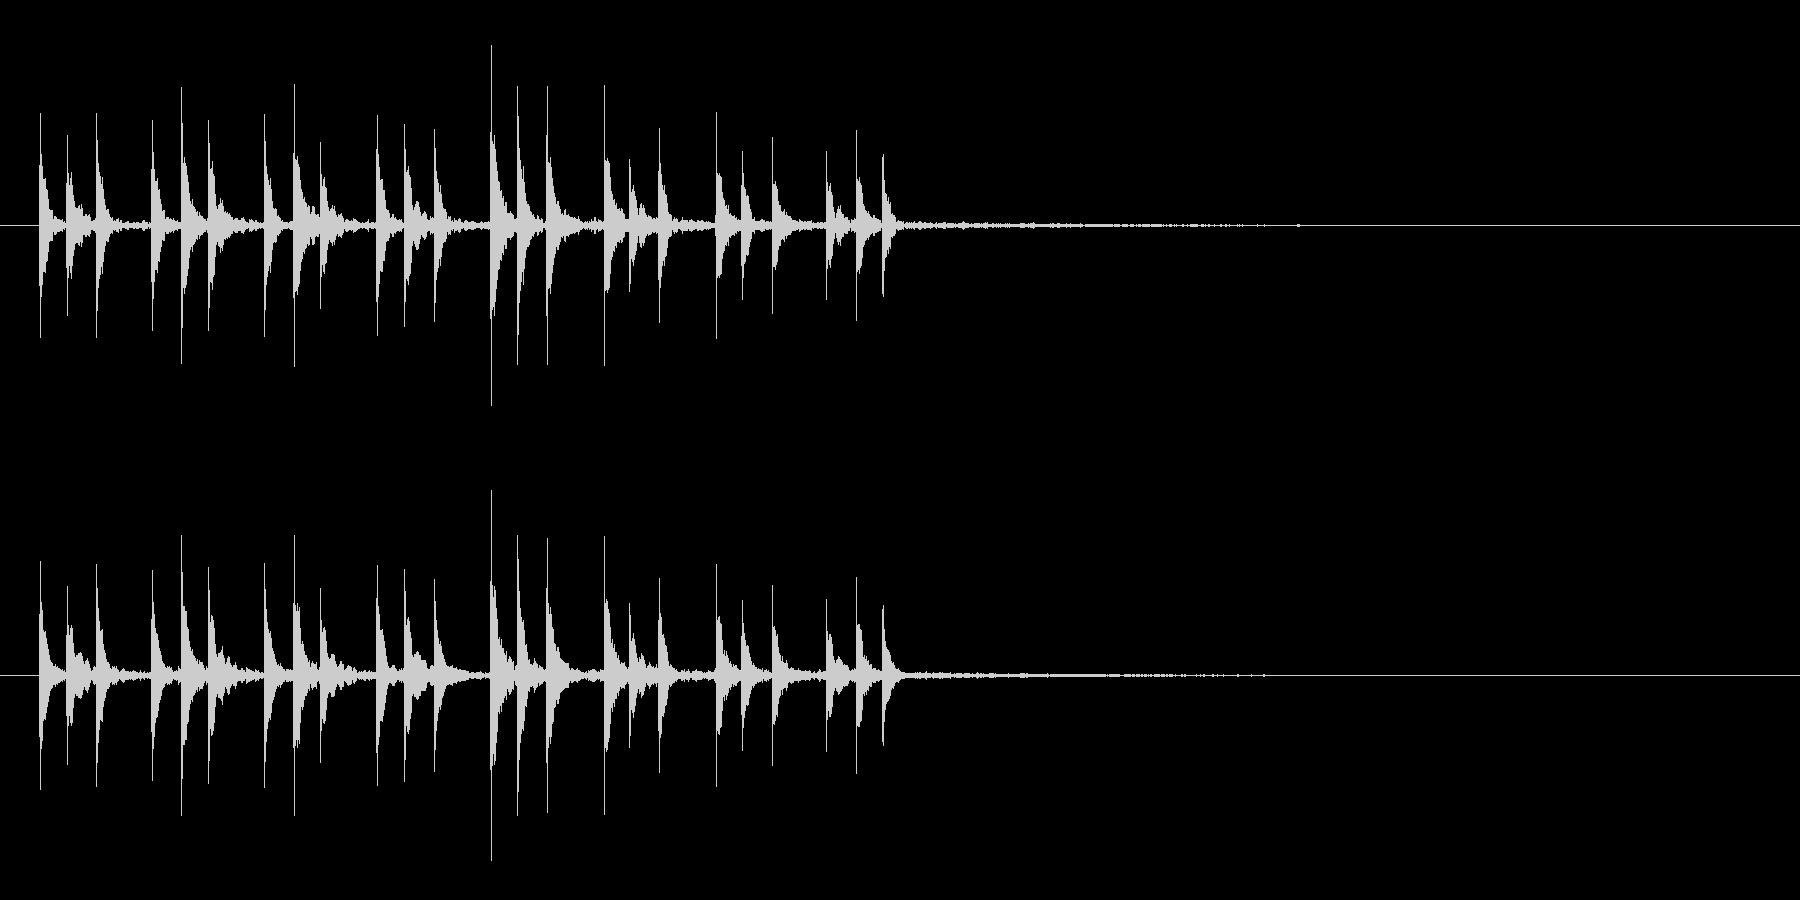 打楽器で作った~ぱからんぱからん~の未再生の波形